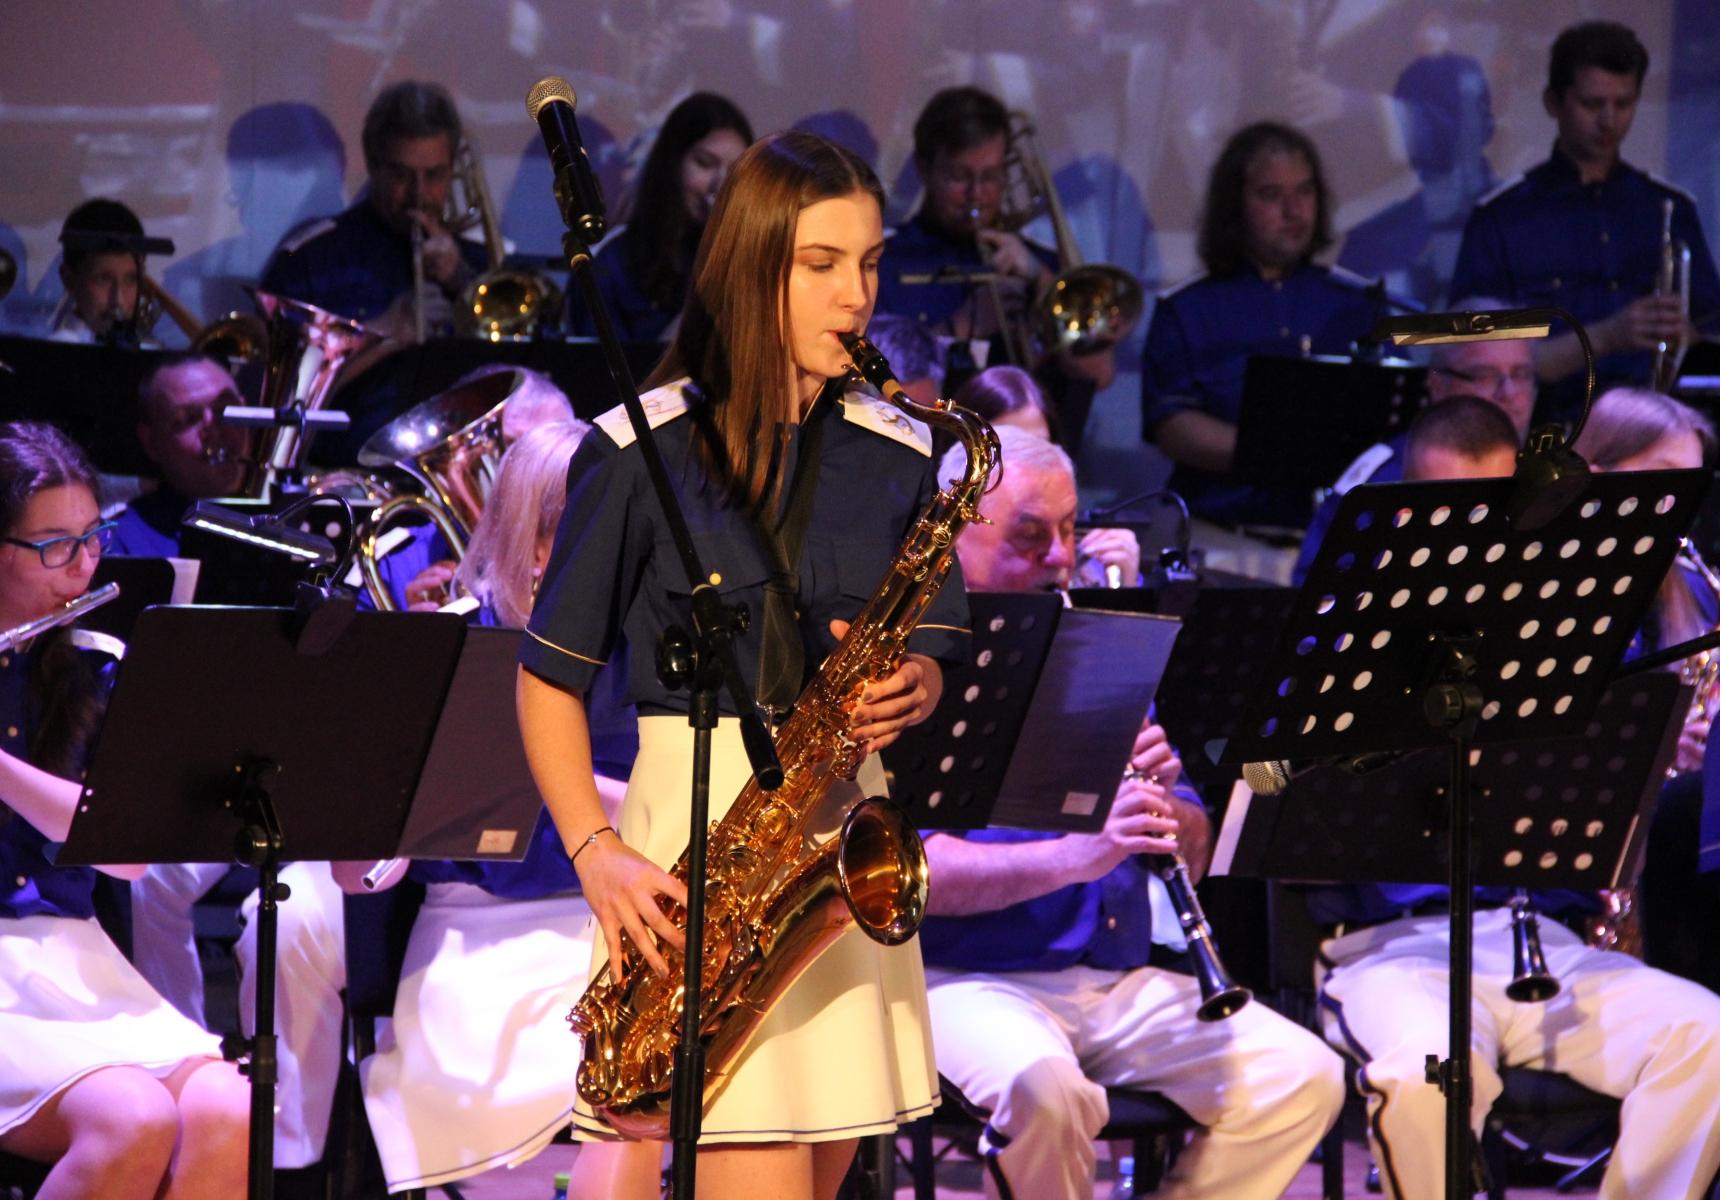 Kobieta grająca na saksofonie, w tle pozostali członkowie orkiestry